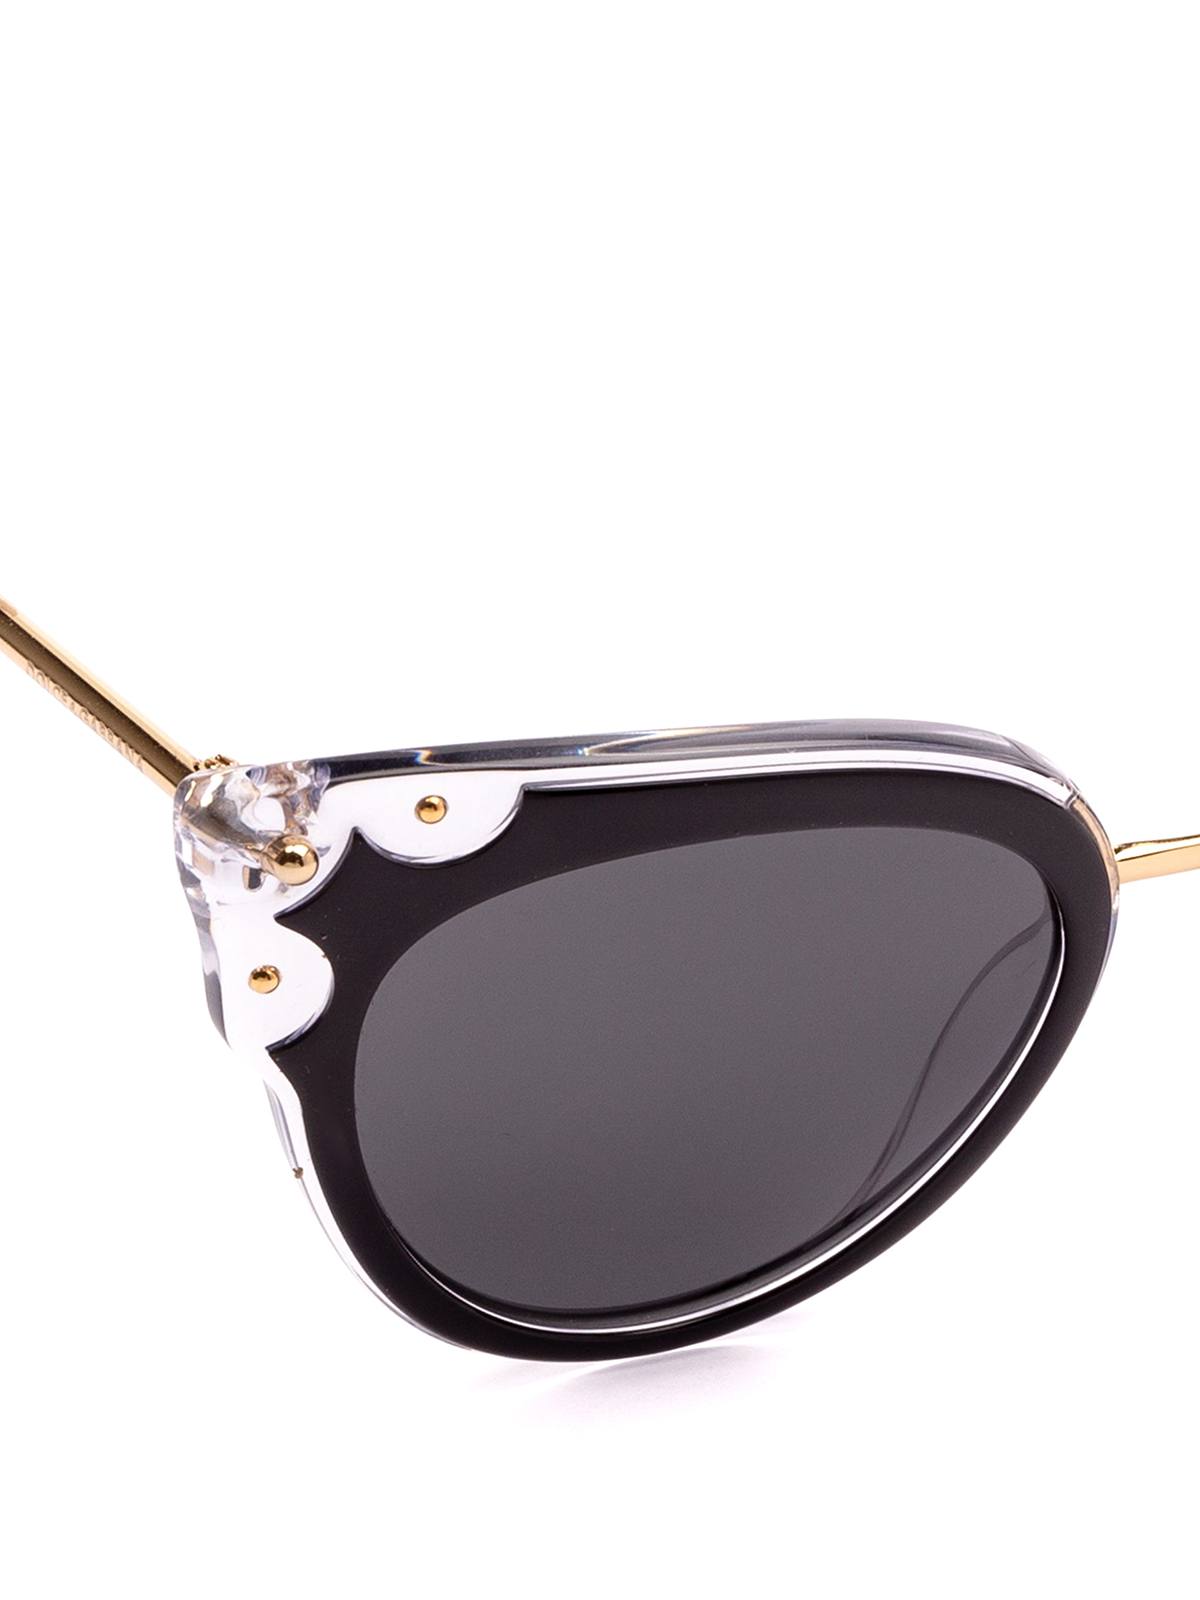 6c34bb7ad4e211 iKRIX DOLCE   GABBANA  occhiali da sole - Occhiali a occhi di gatto neri e